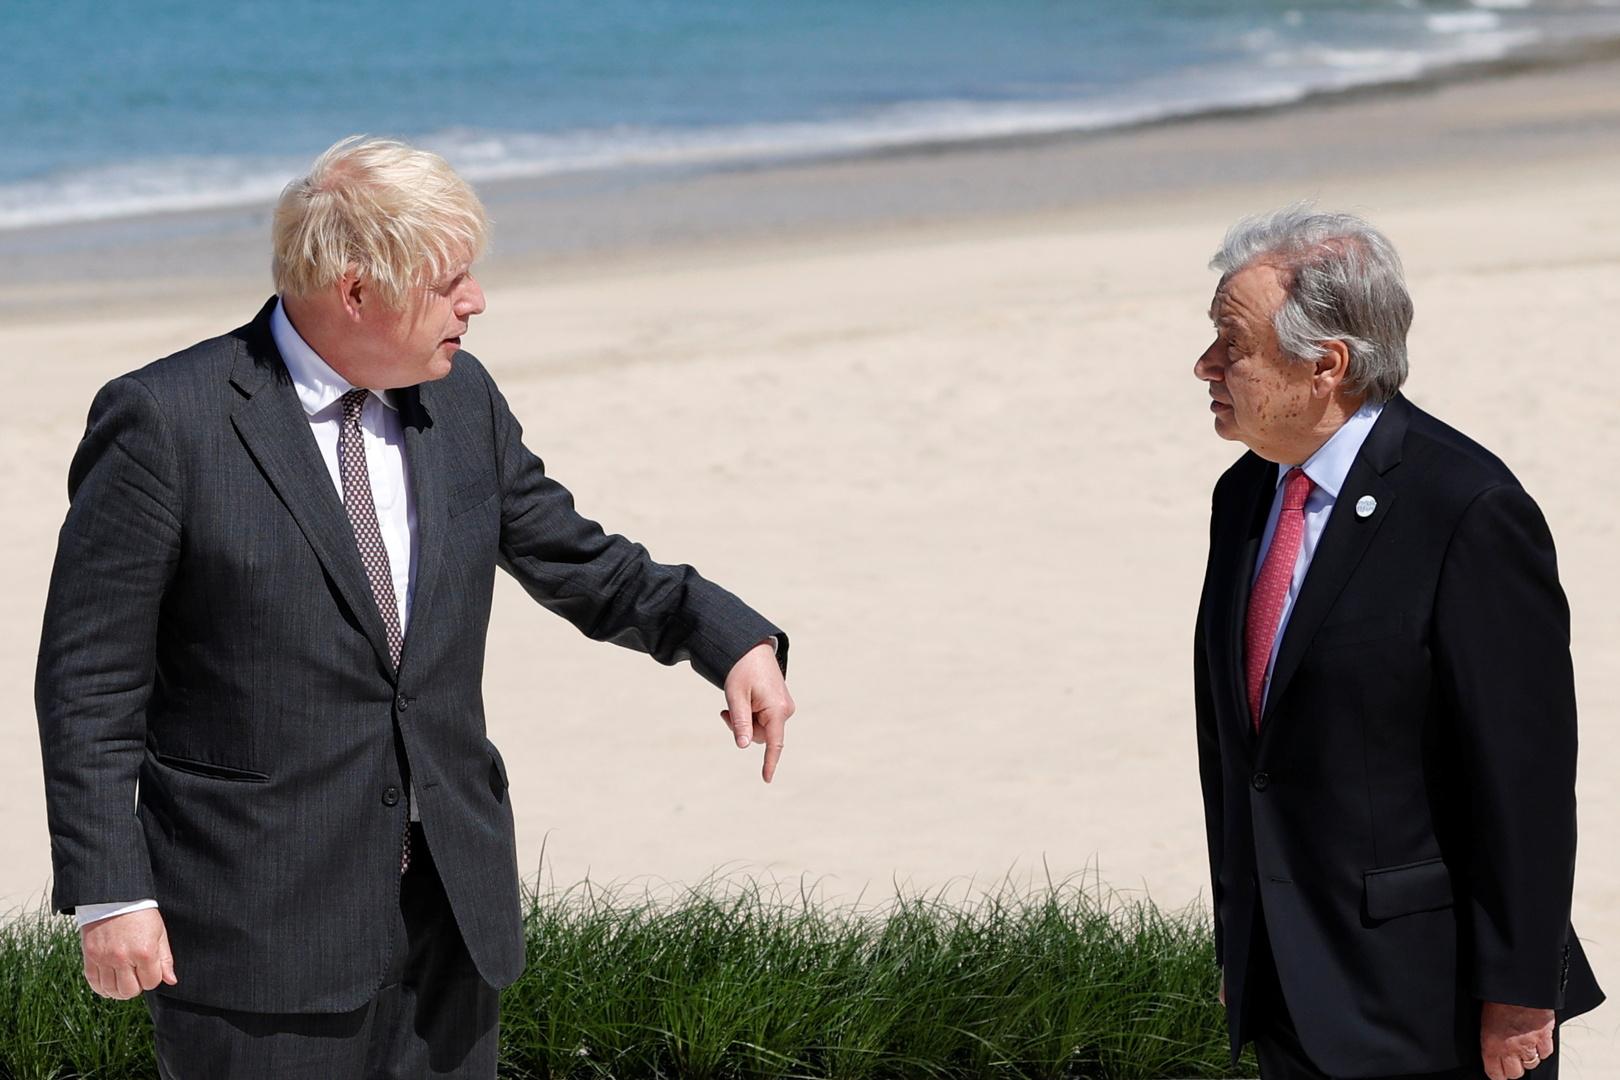 رئيس الوزراء البريطاني بوريس جونسون والأمين العام للأمم المتحدة أنطونيو غوتيريش